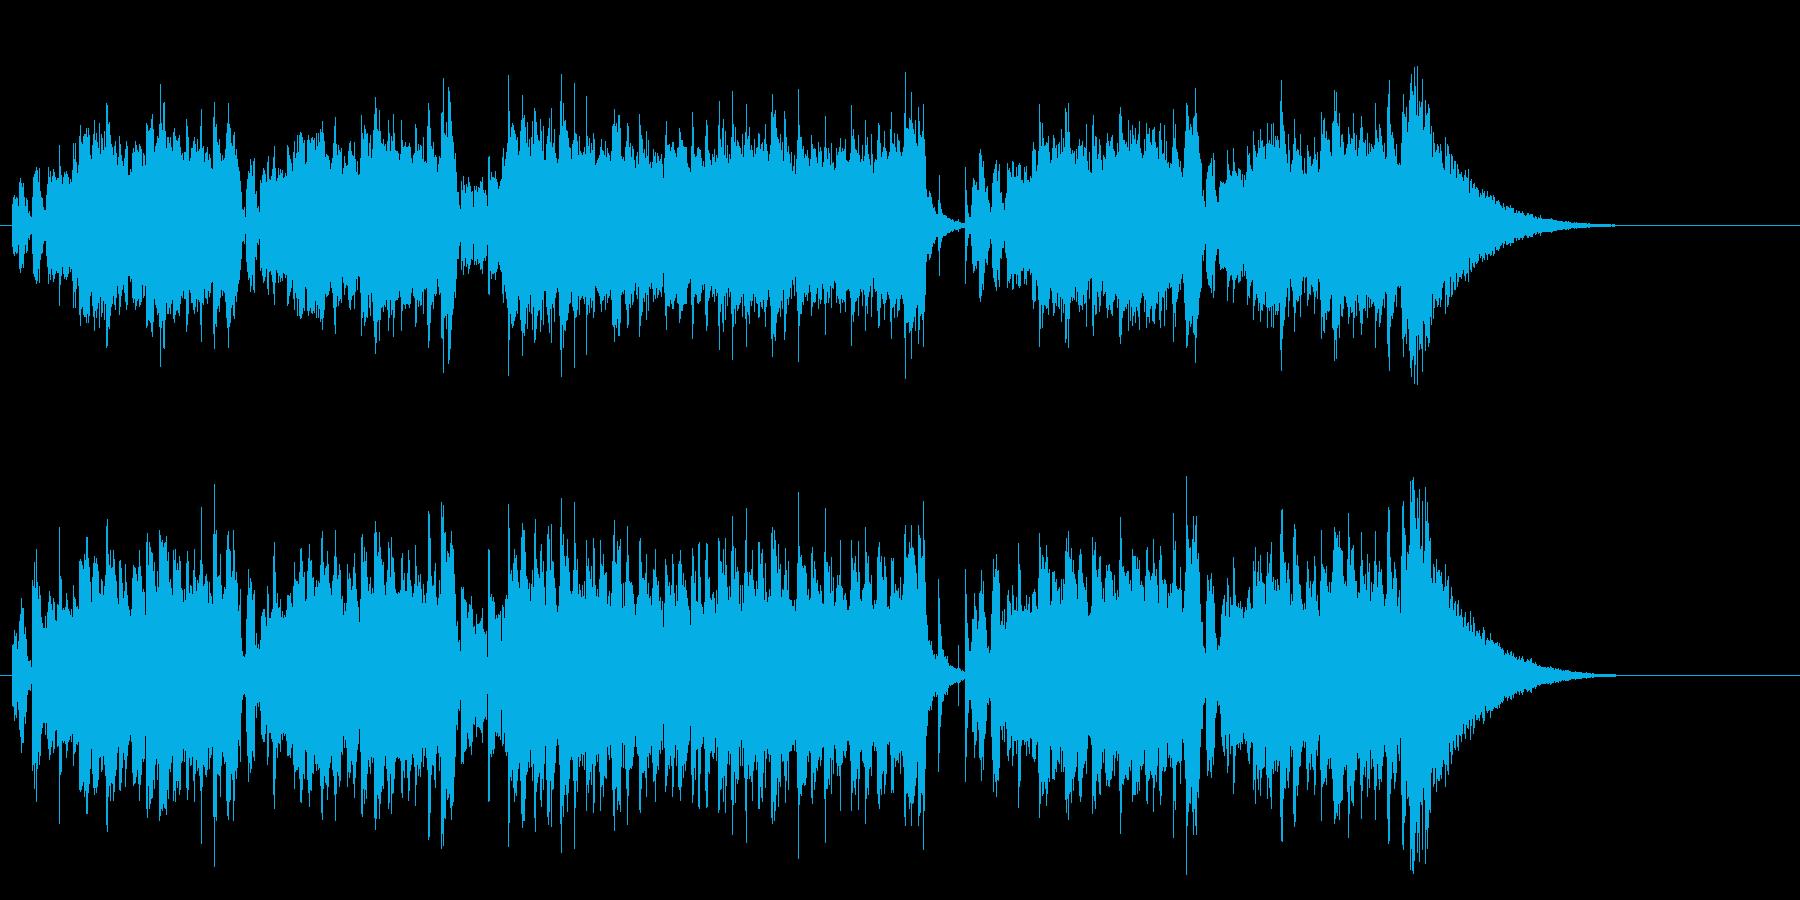 甘く切ない慕情のポピュラー・ミュージックの再生済みの波形